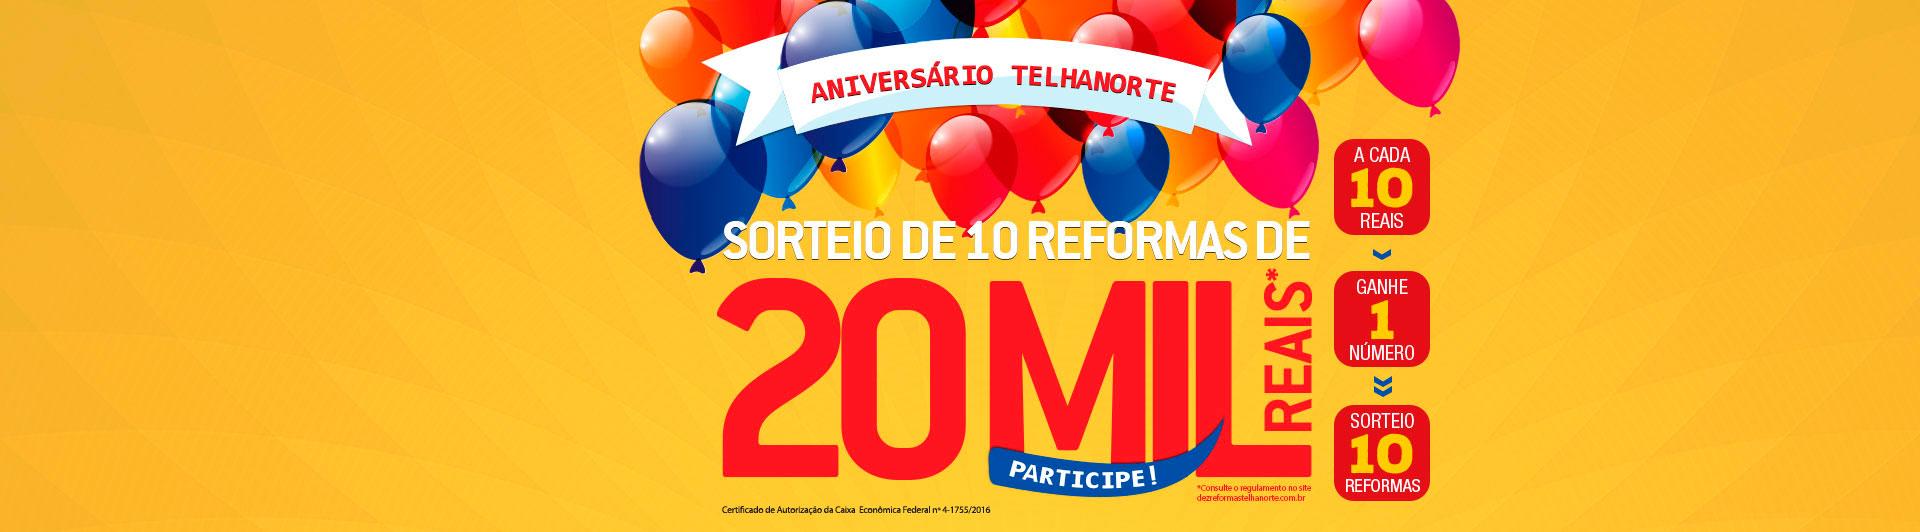 Banner Promoção de Aniversário